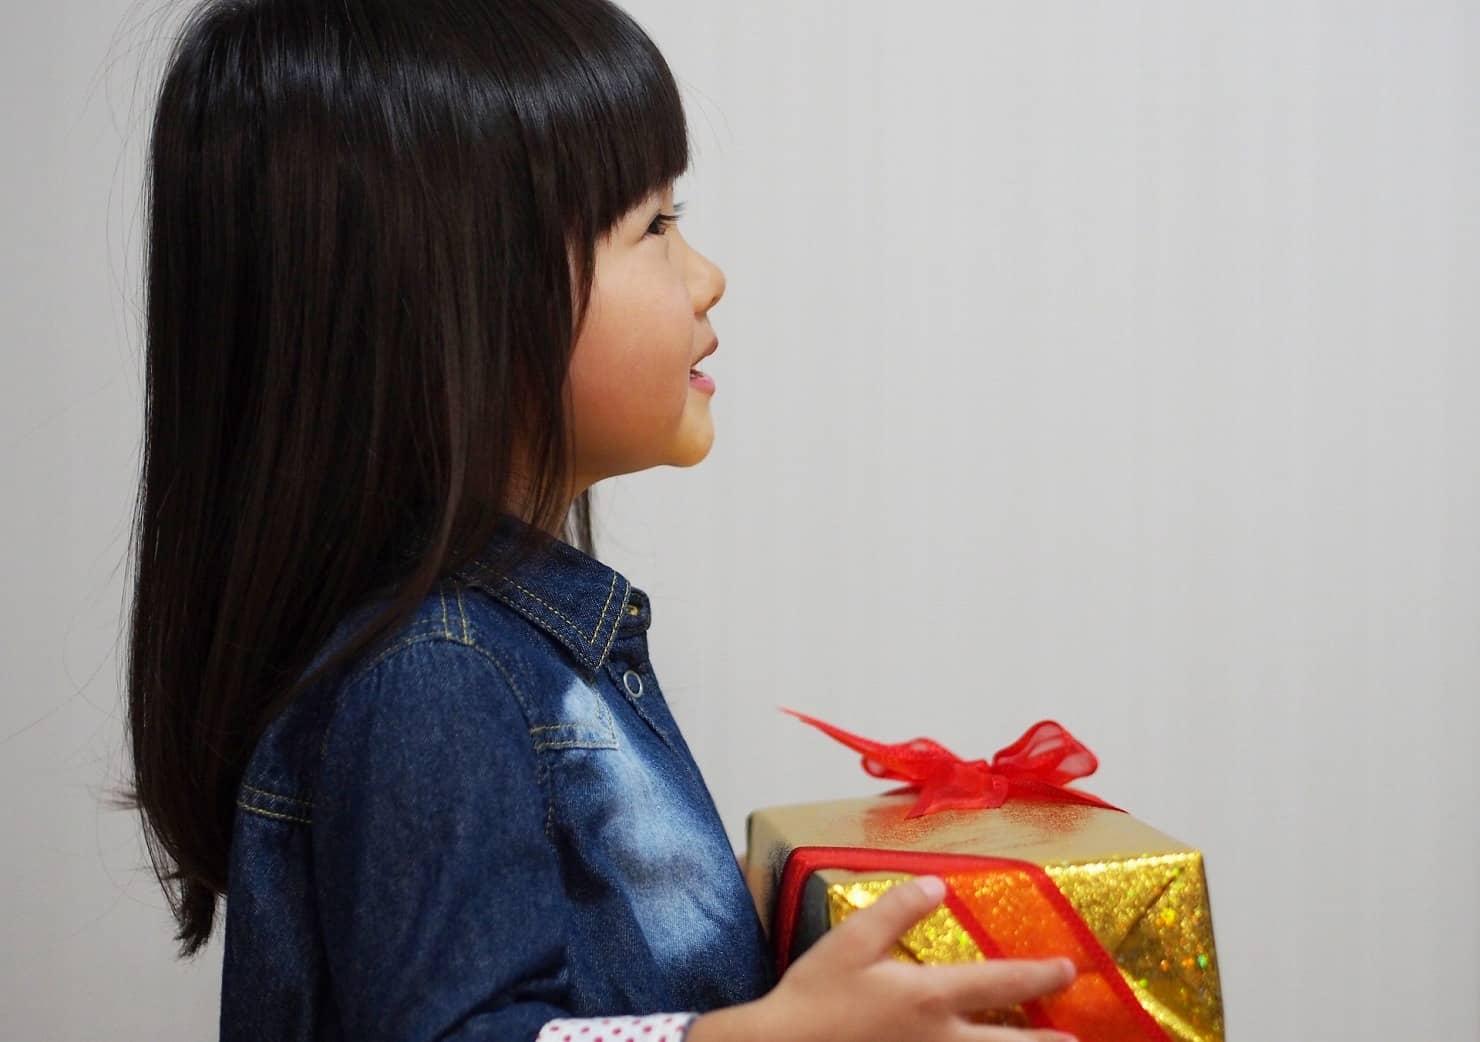 5歳におすすめのクリスマスプレゼント18選【2019年最新版 女の子編】